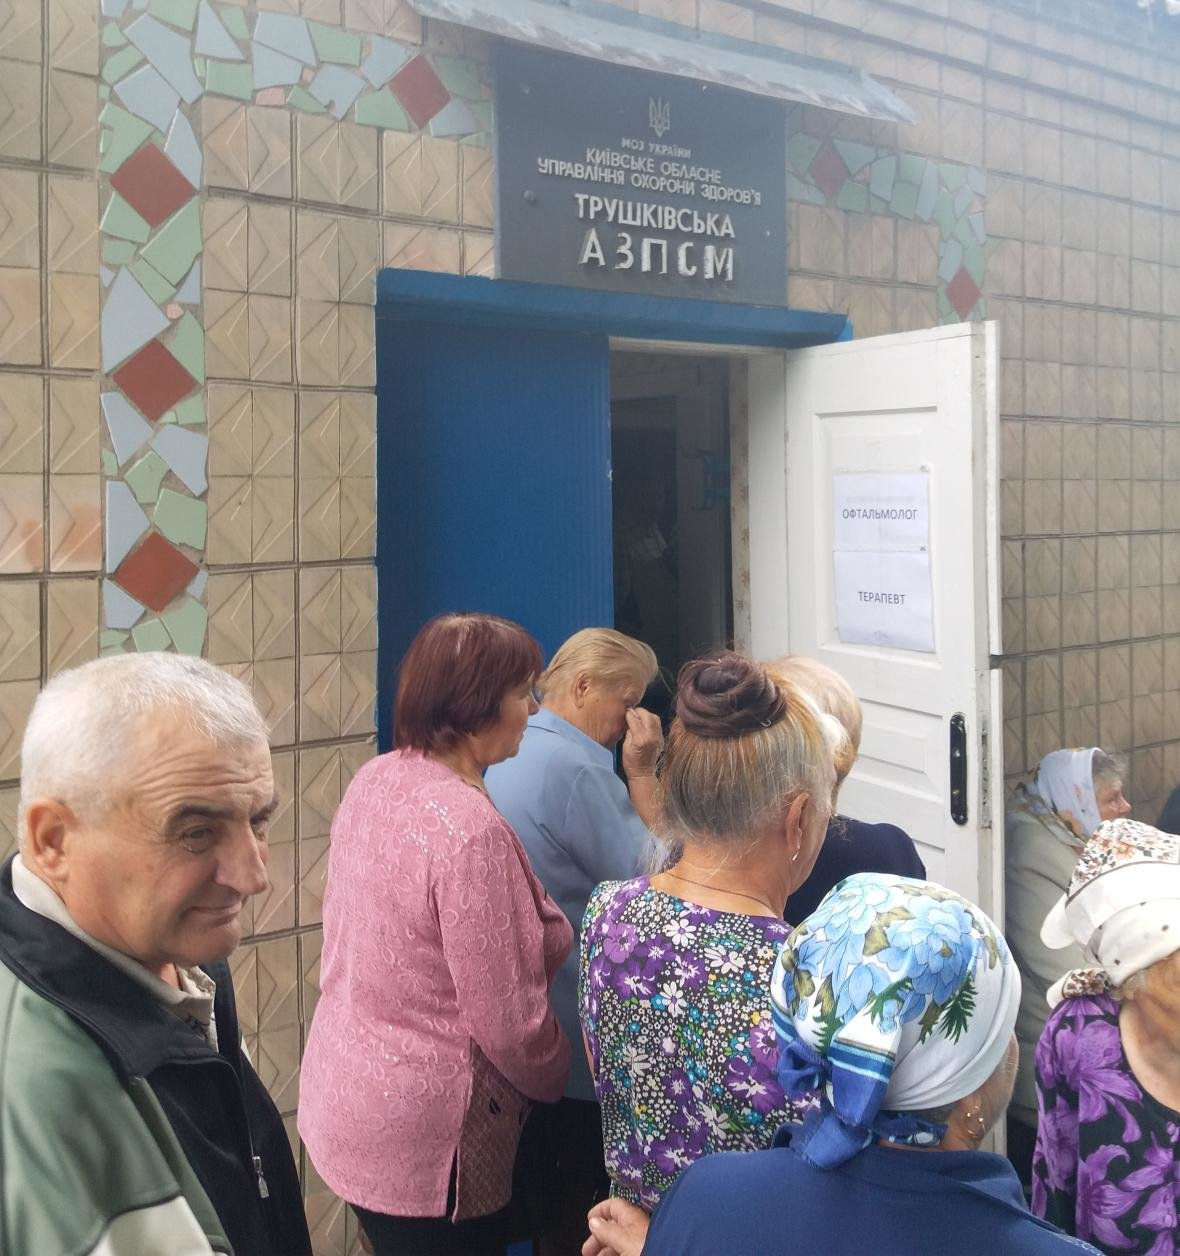 742 мешканця Білоцерківщини отримали безкоштовну медичну консультацію